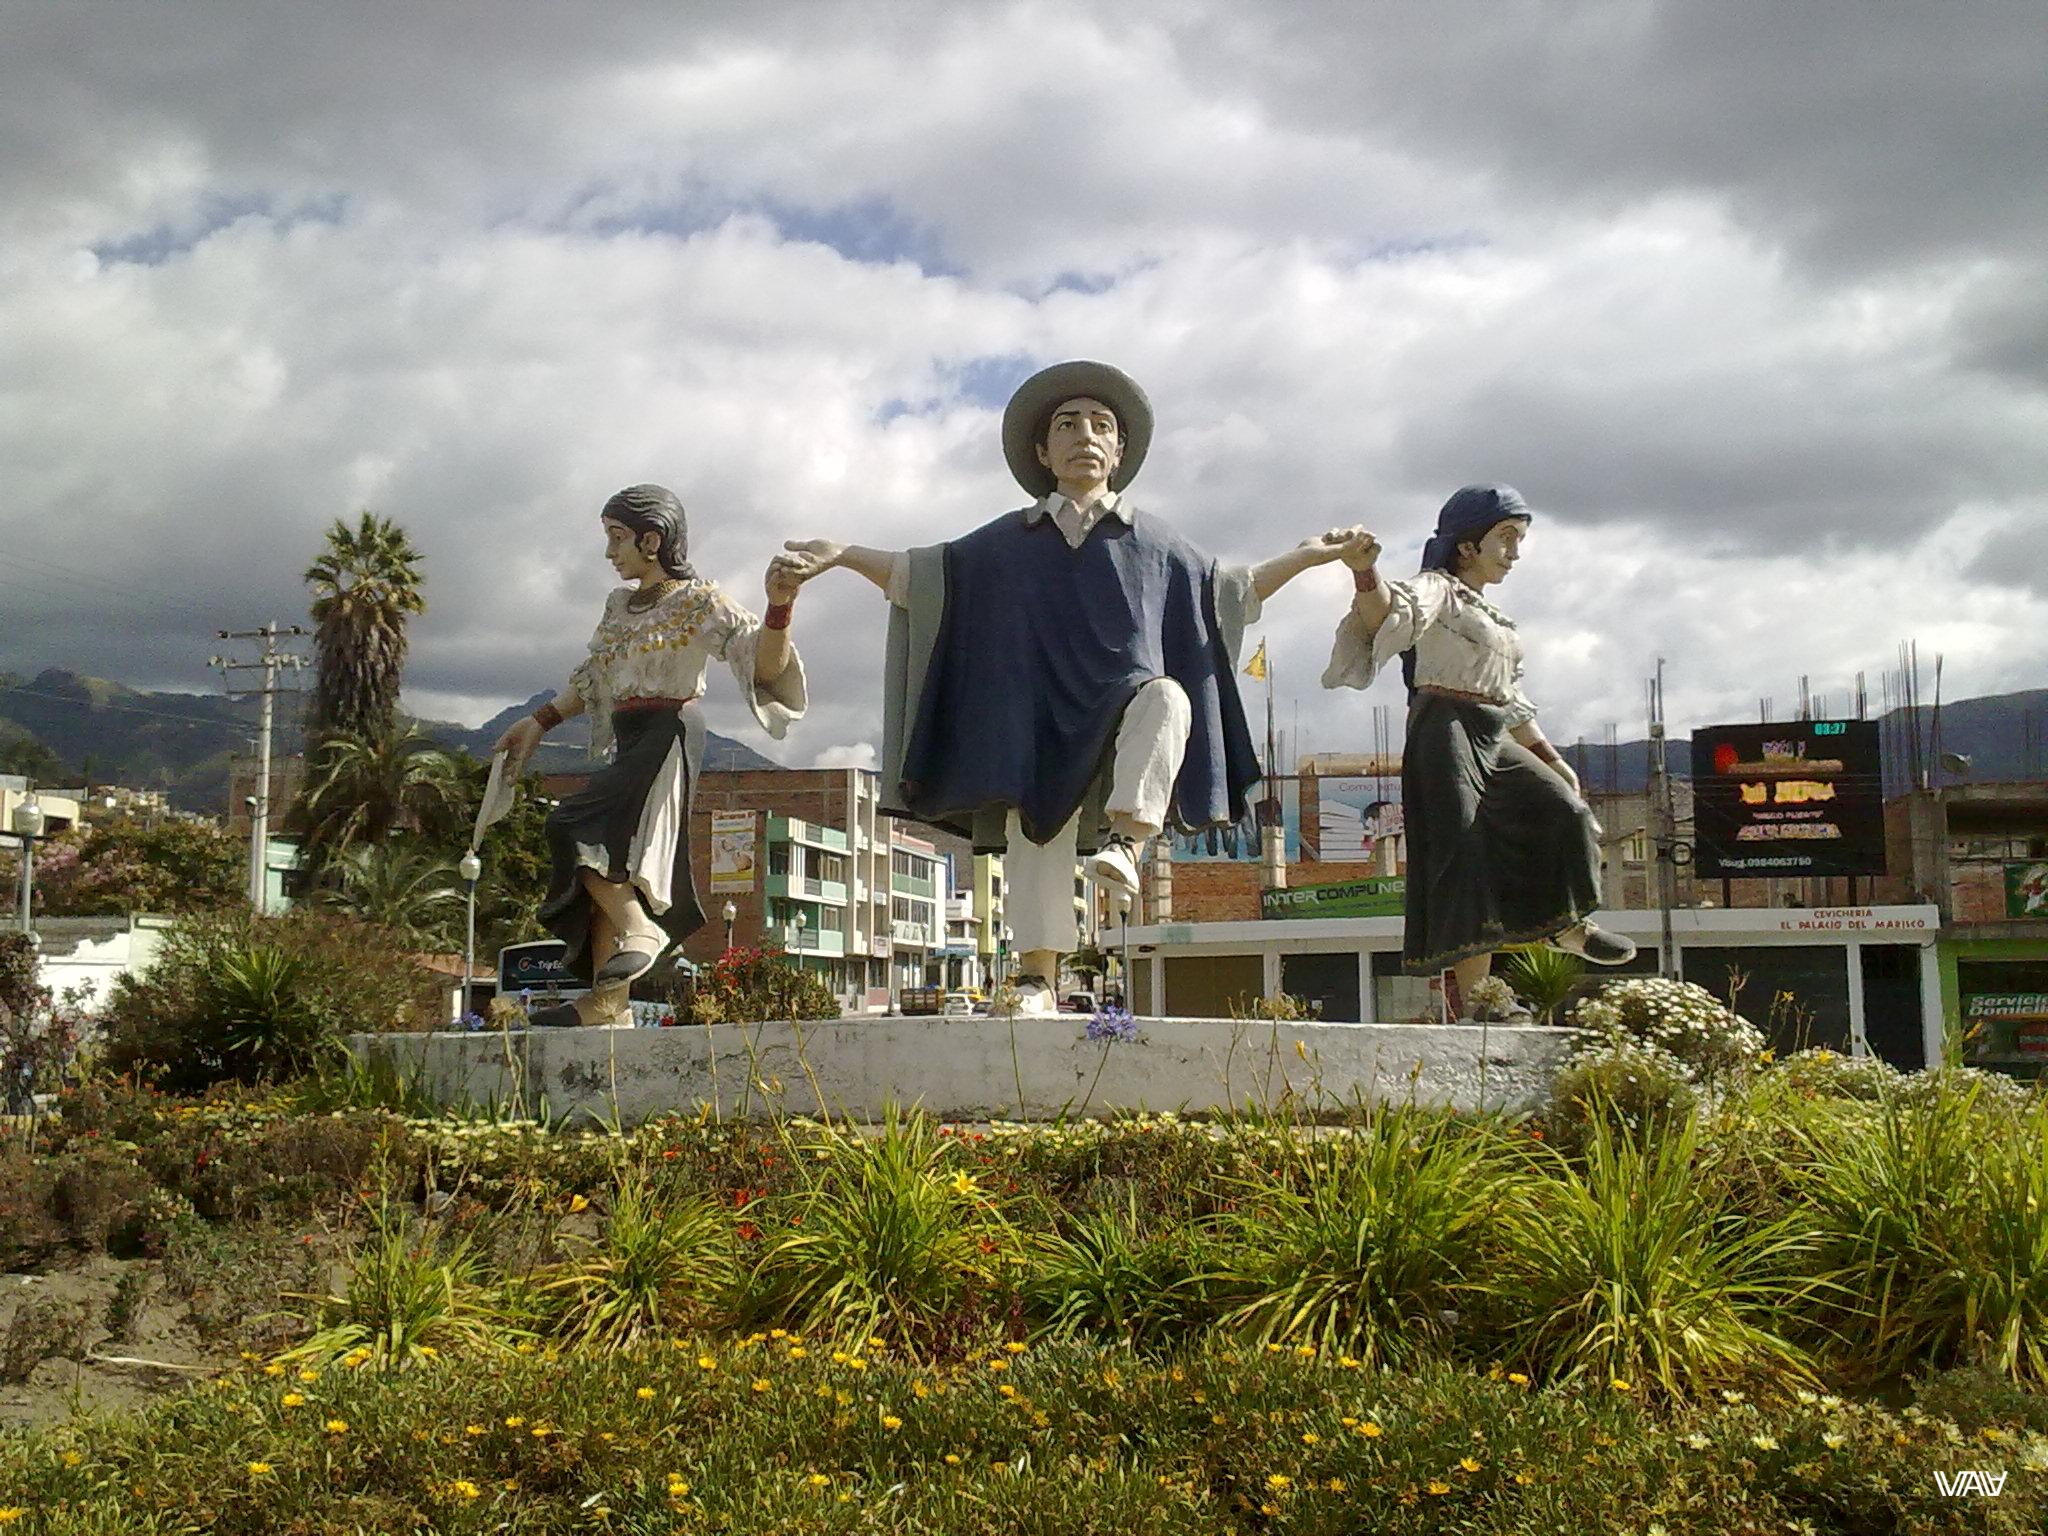 Уникальные статуи города, символизирующие единение эквадорского многонационального народа.